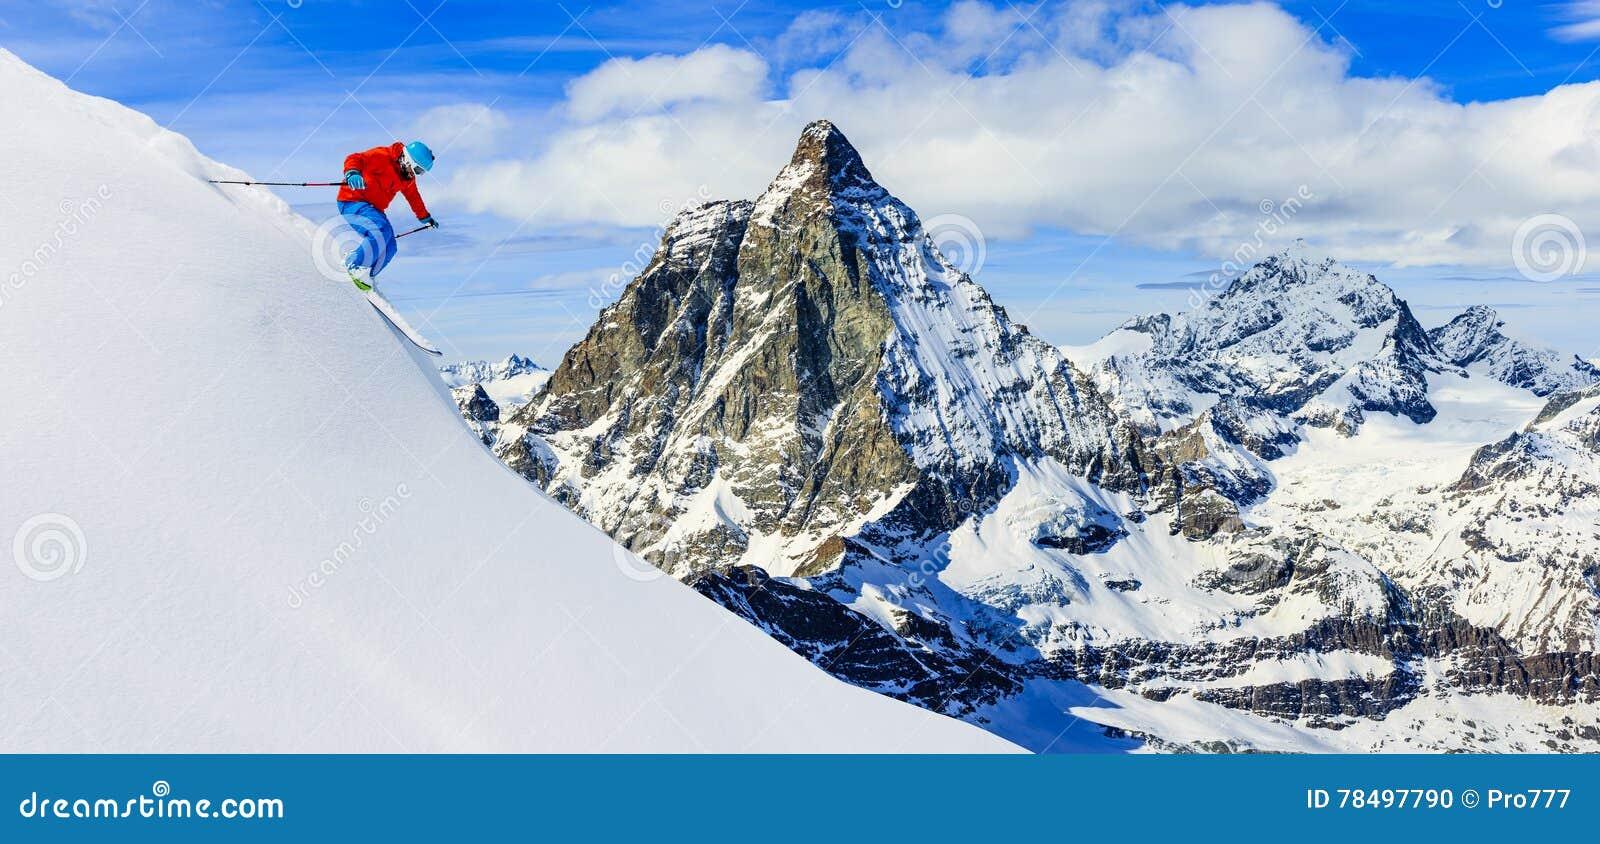 滑雪下坡在新鲜的粉末雪的高山的滑雪者 锡